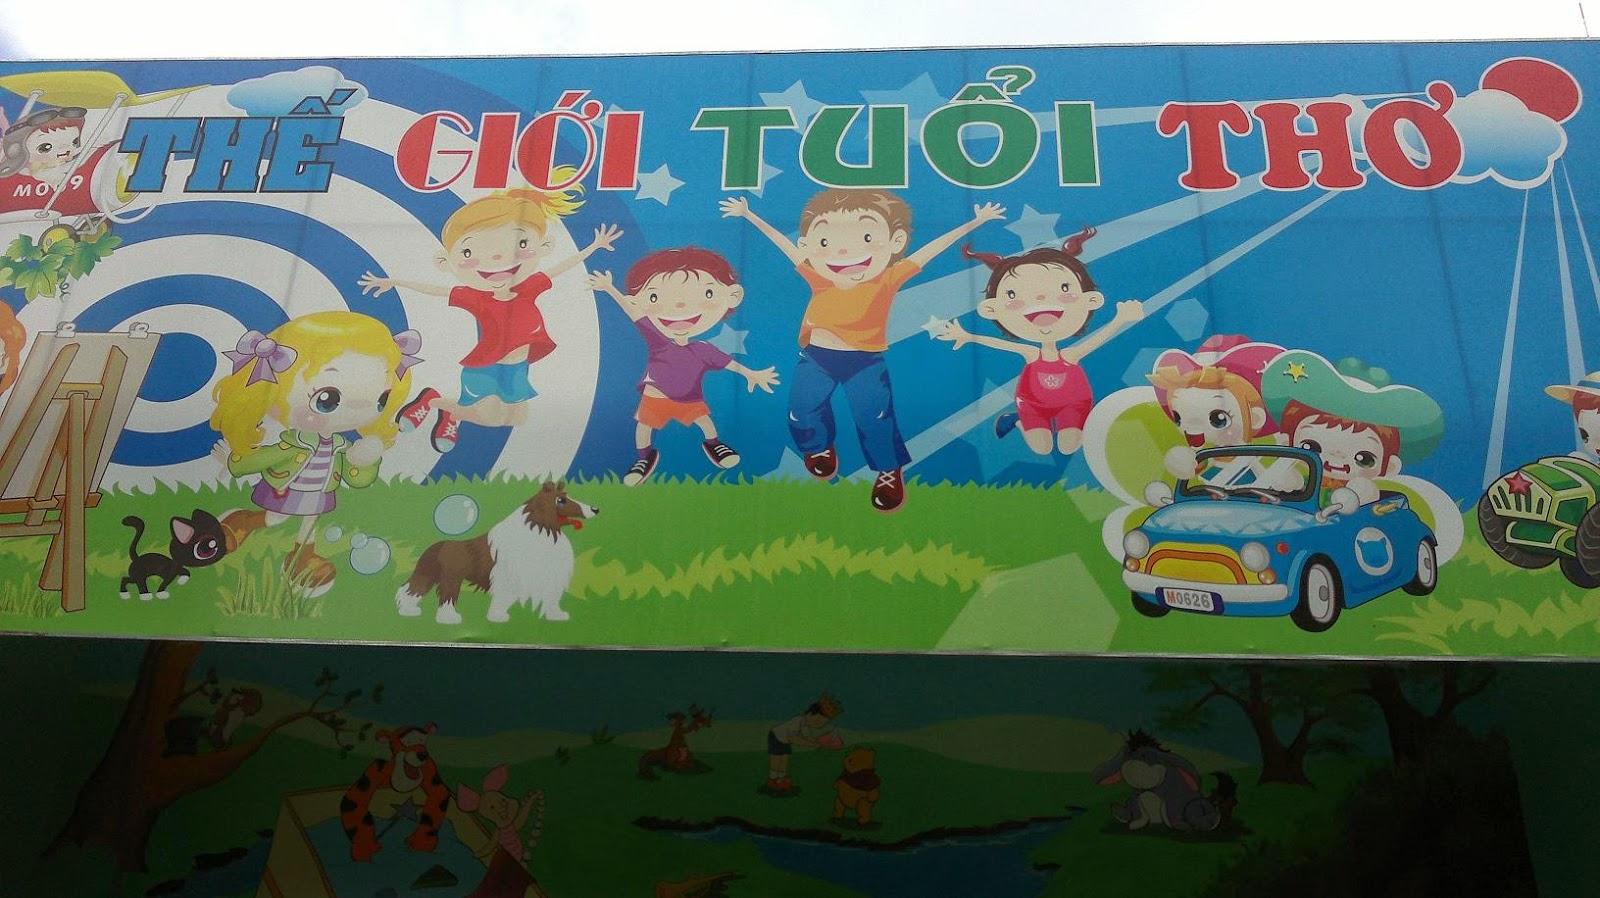 http://thietbivuichoitreem.net/san-pham/thiet-bi-lien-hoan-trong-nha-77/